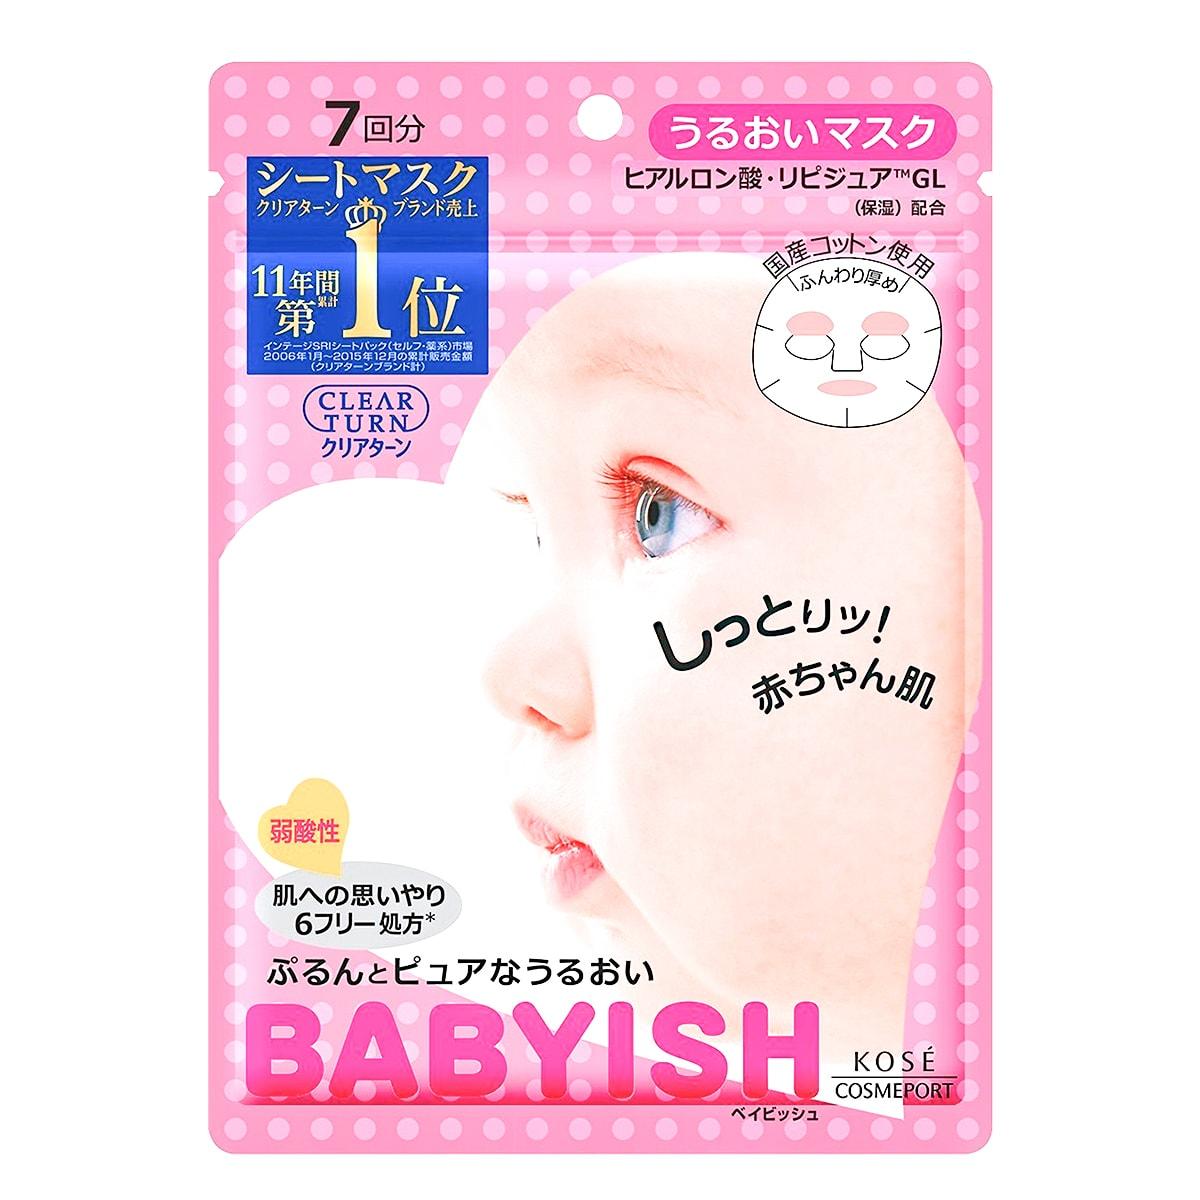 日本KOSE高丝 BABYISH婴儿肌 胶玻尿酸超保湿面膜 7片入